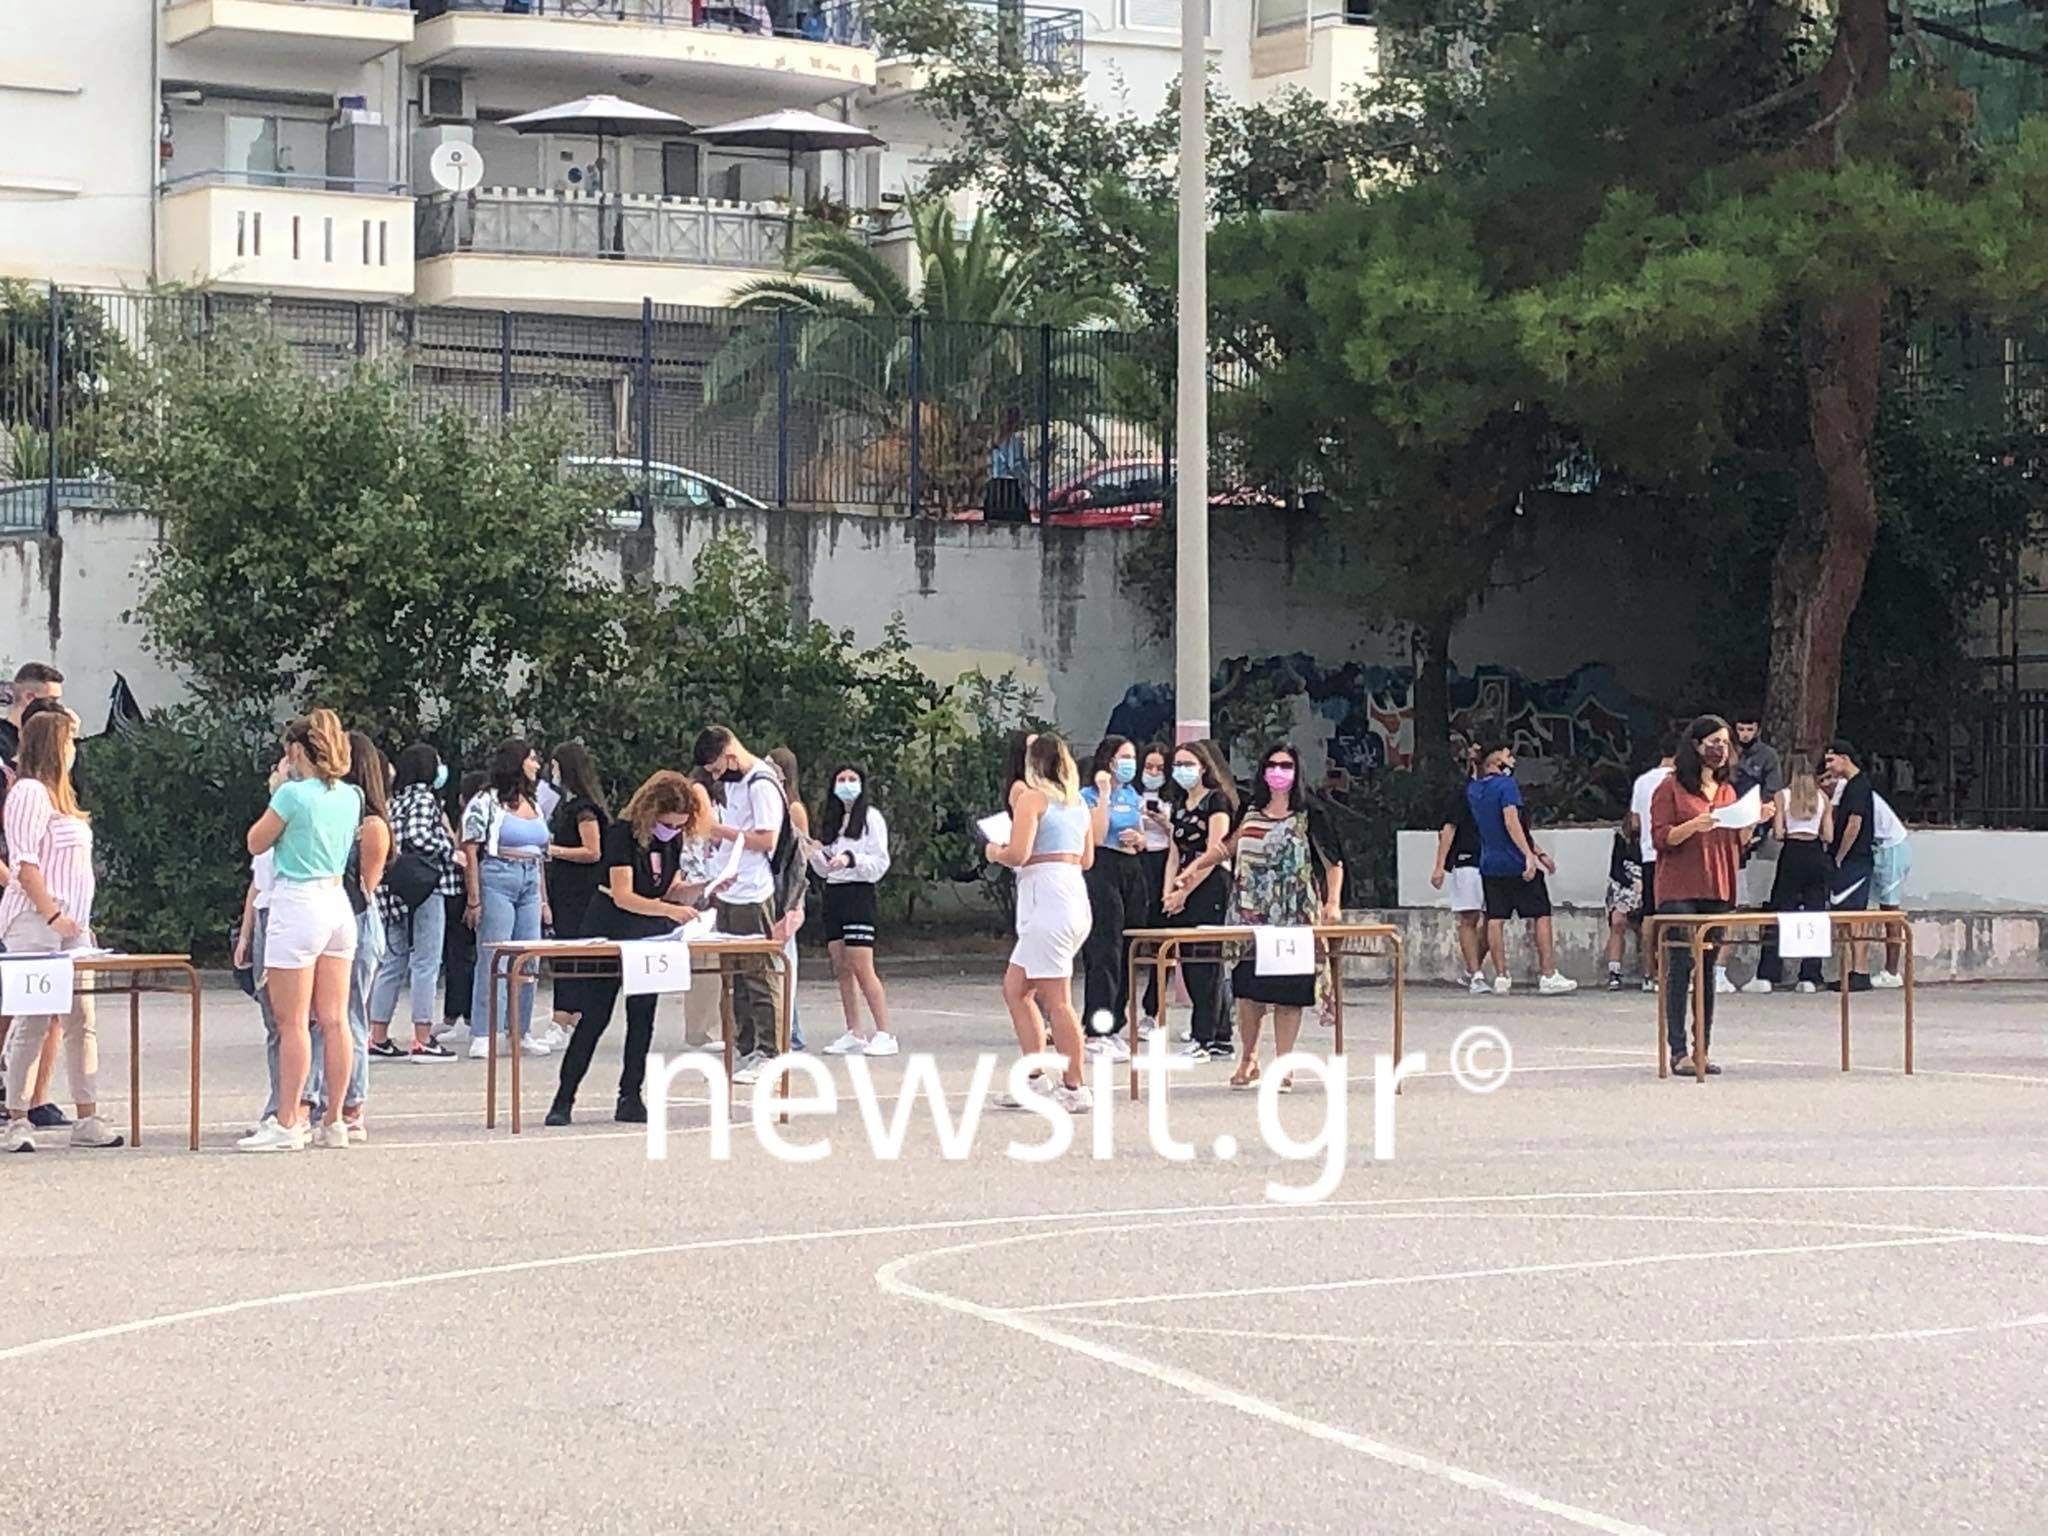 Σχολεία – Θεσσαλονίκη: Οι εικόνες από το πρώτο κουδούνι με self test, θερμομετρήσεις και παράπονα